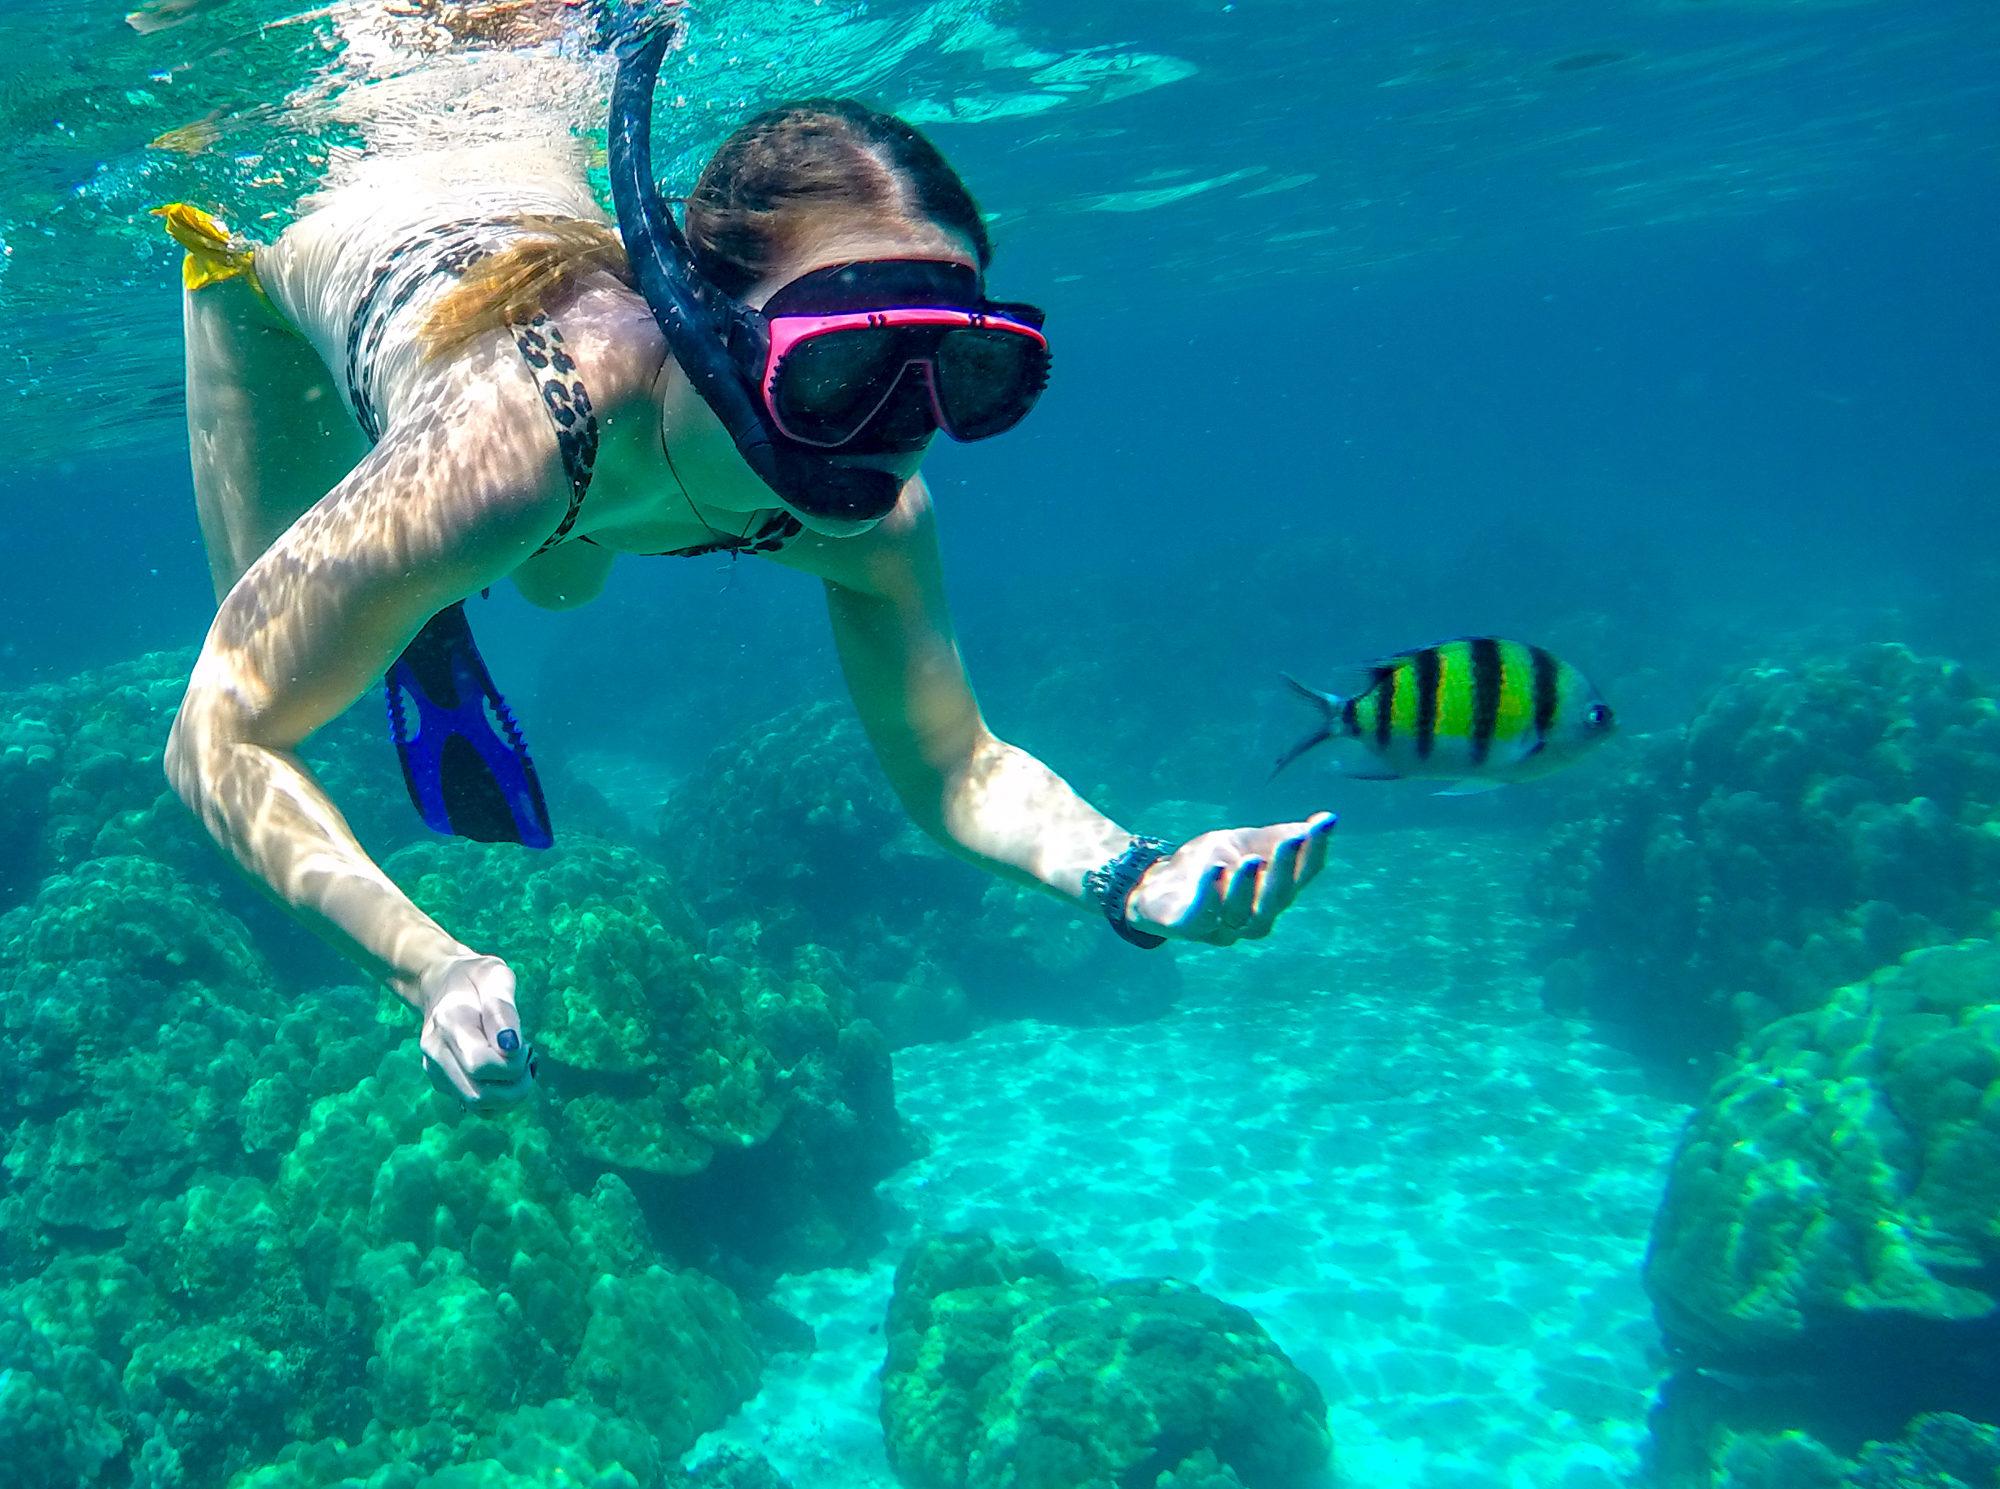 thailand koh lanta snorkeling